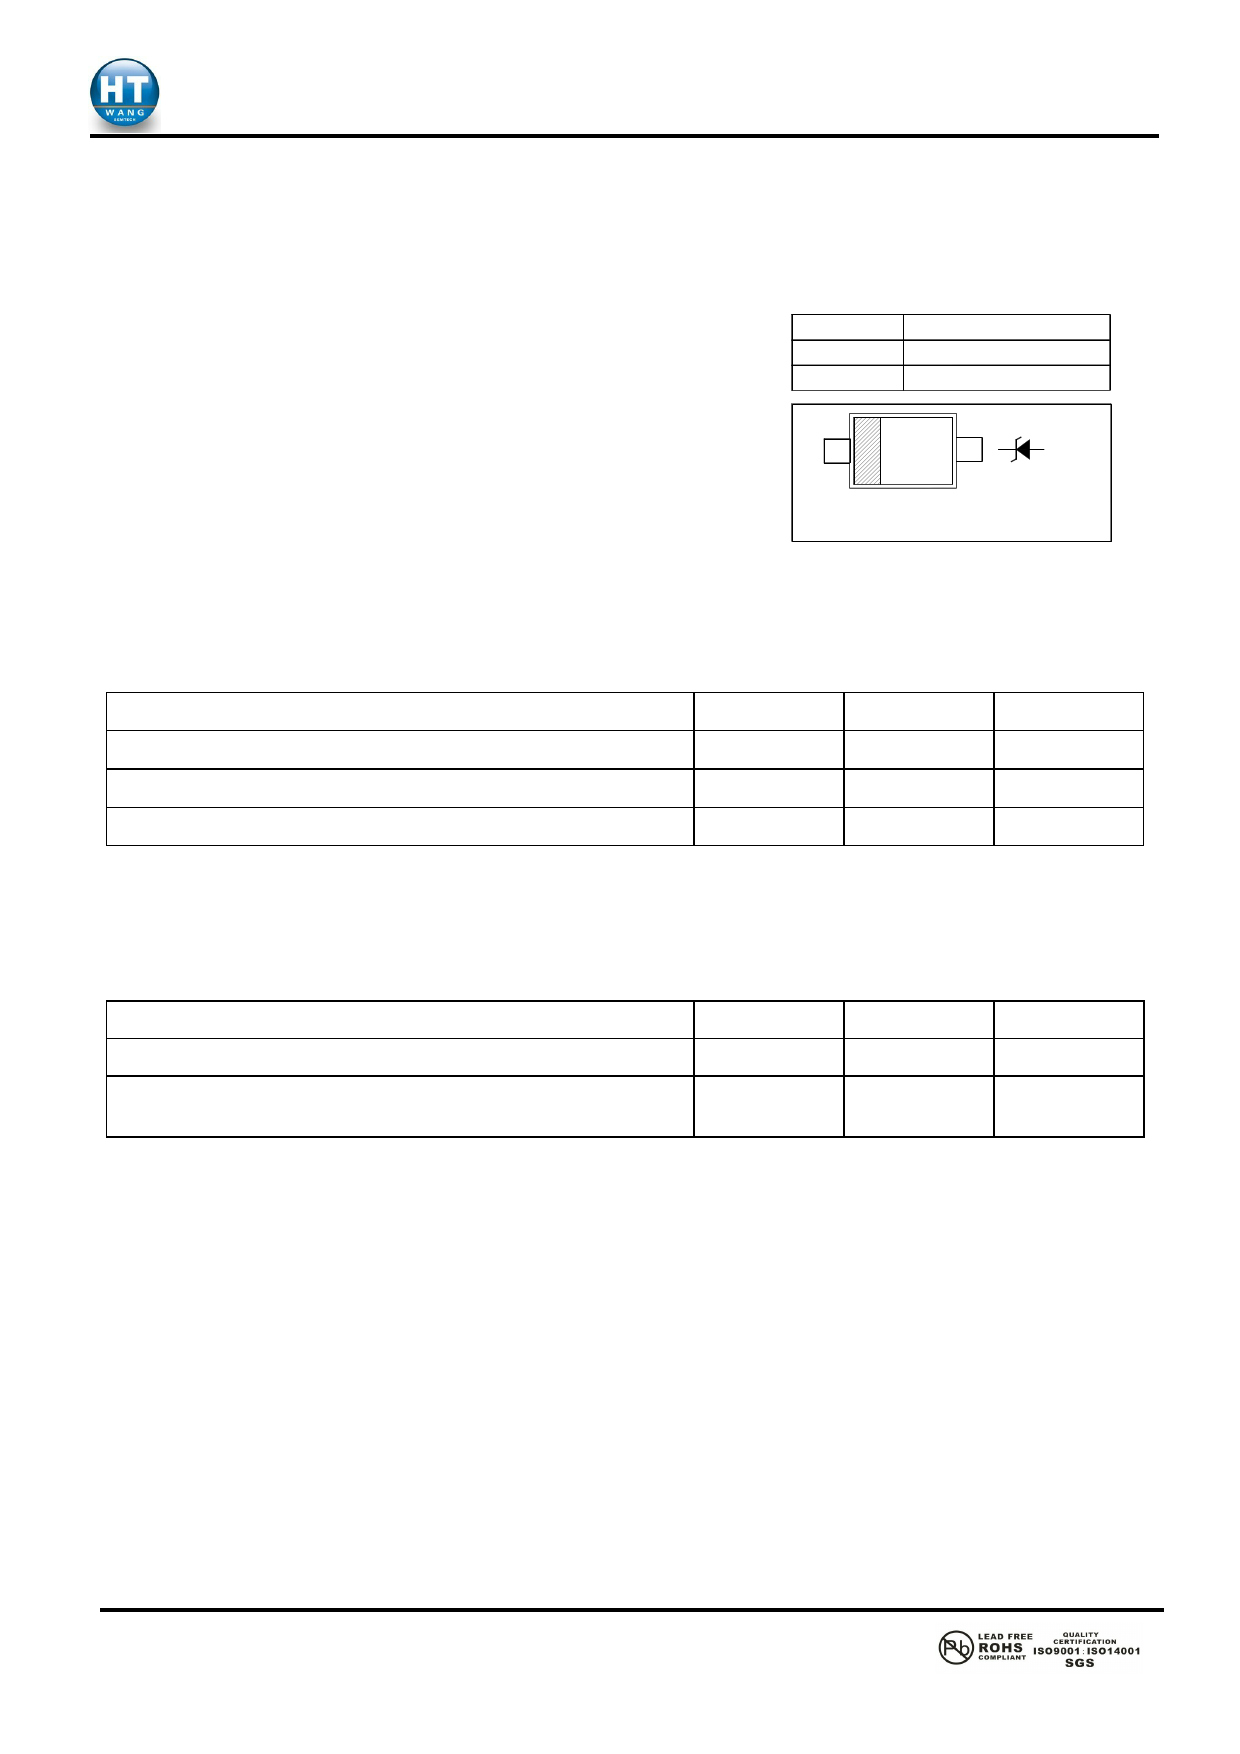 MM1Z75 datasheet